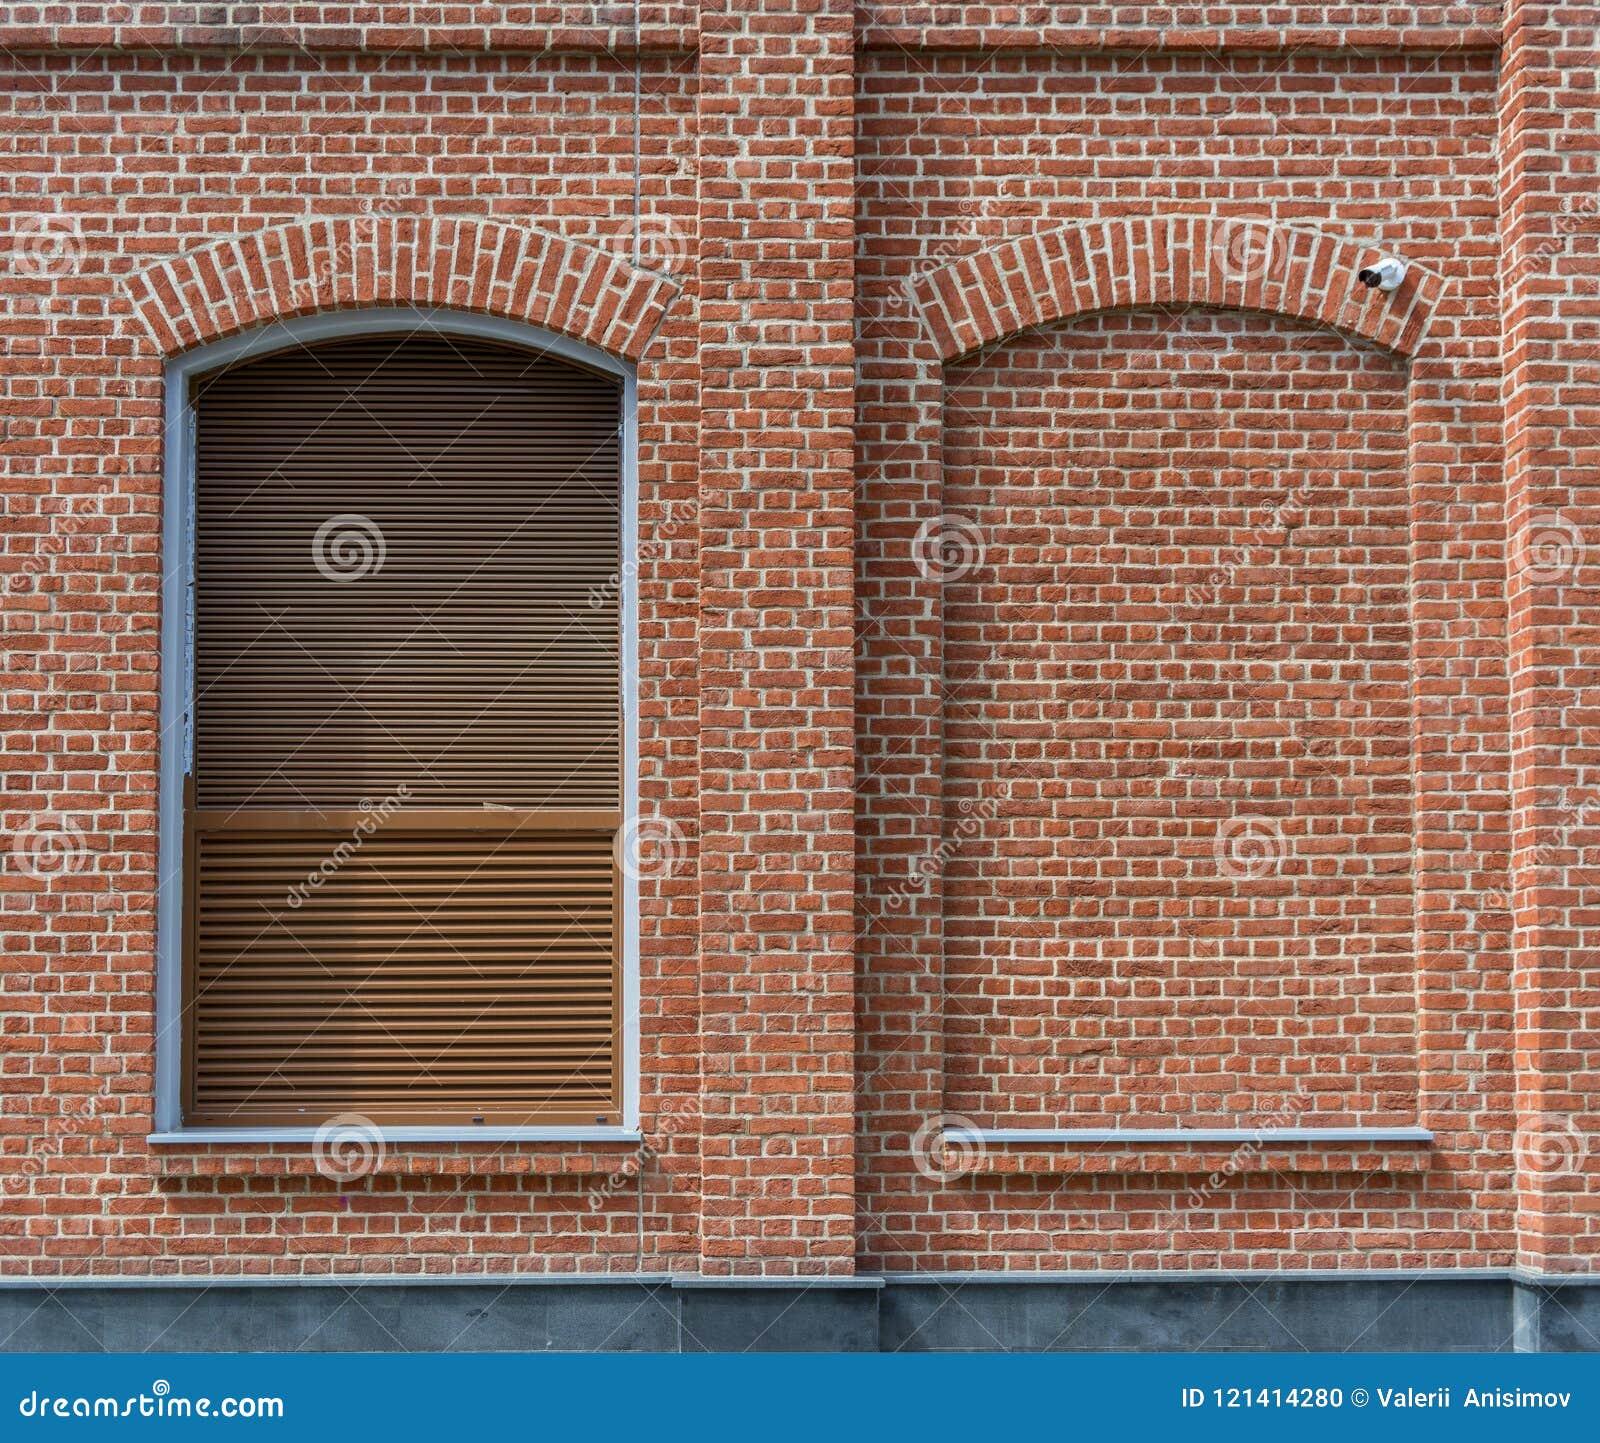 El edificio se hace de ladrillo en estilo del desván La ventana con las persianas y una ventana pusieron con el ladrillo